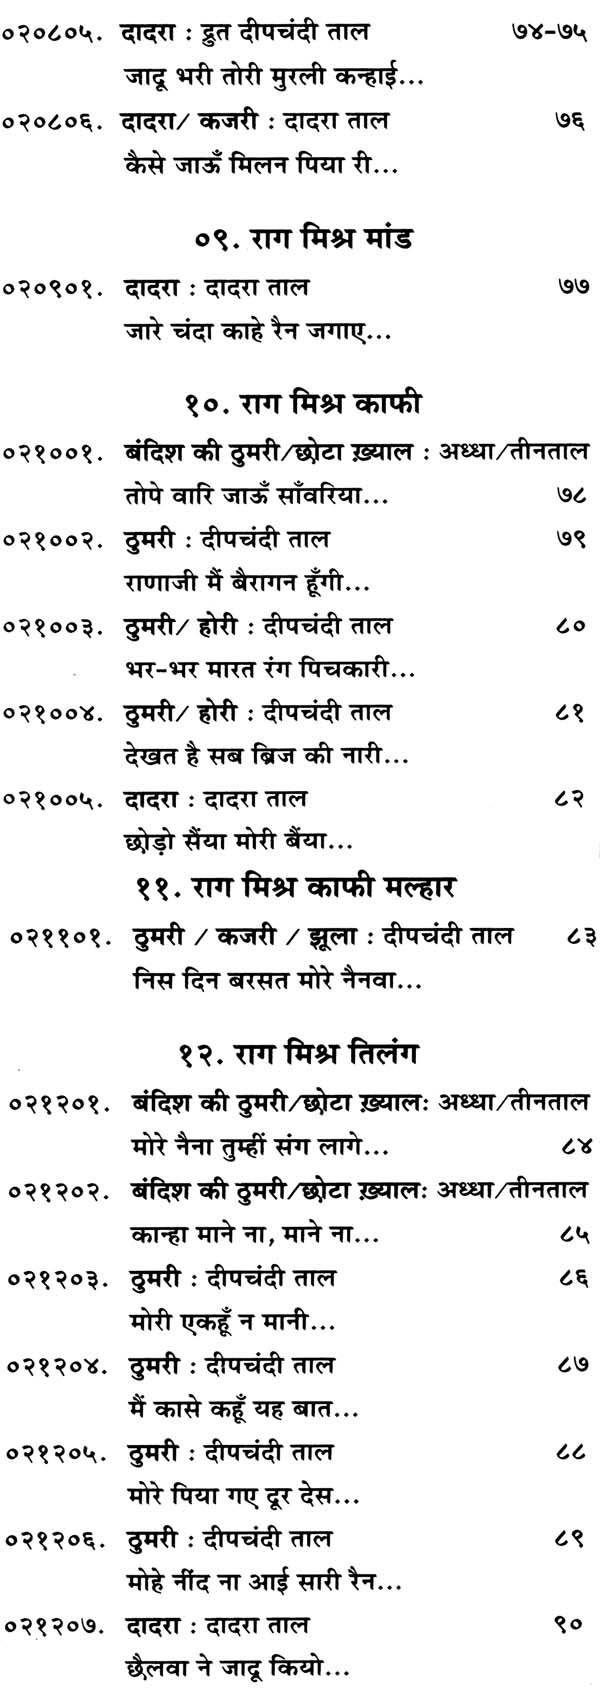 Prabha Atre - Prabha Atre